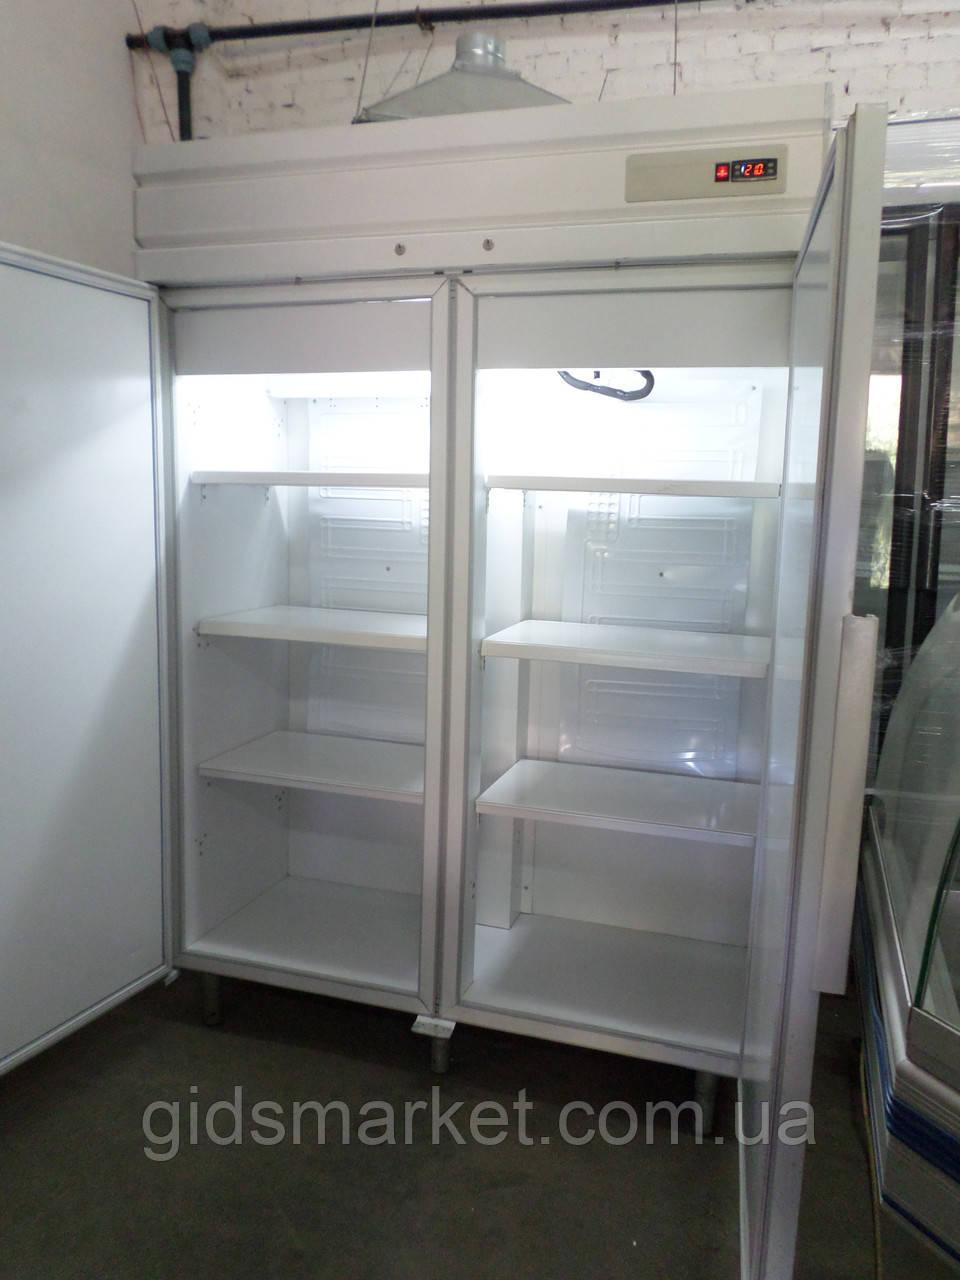 Шкаф холодильный шх-1.0 продажа бывших в употреблении ядерная медицина конференция